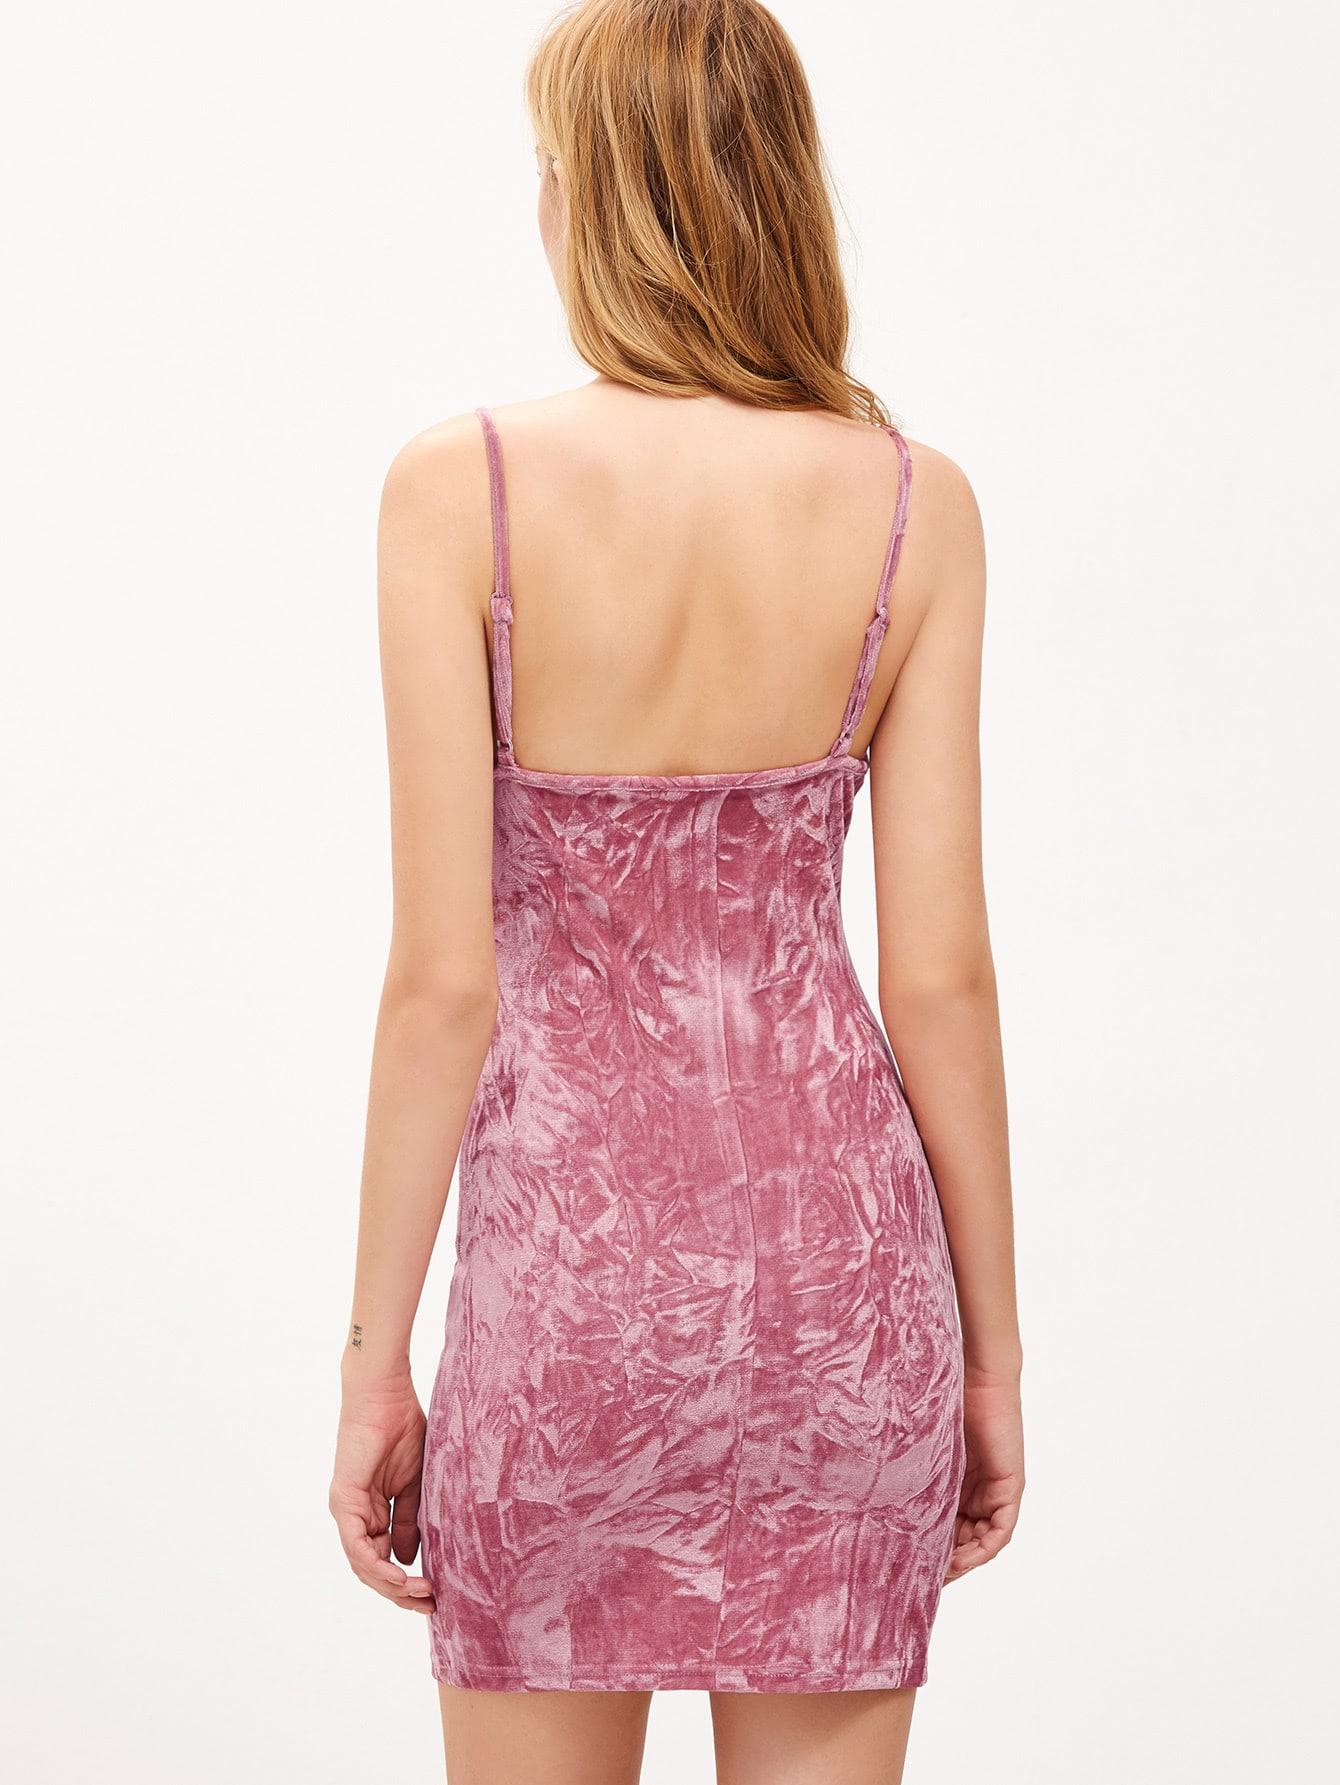 dress161202717_2